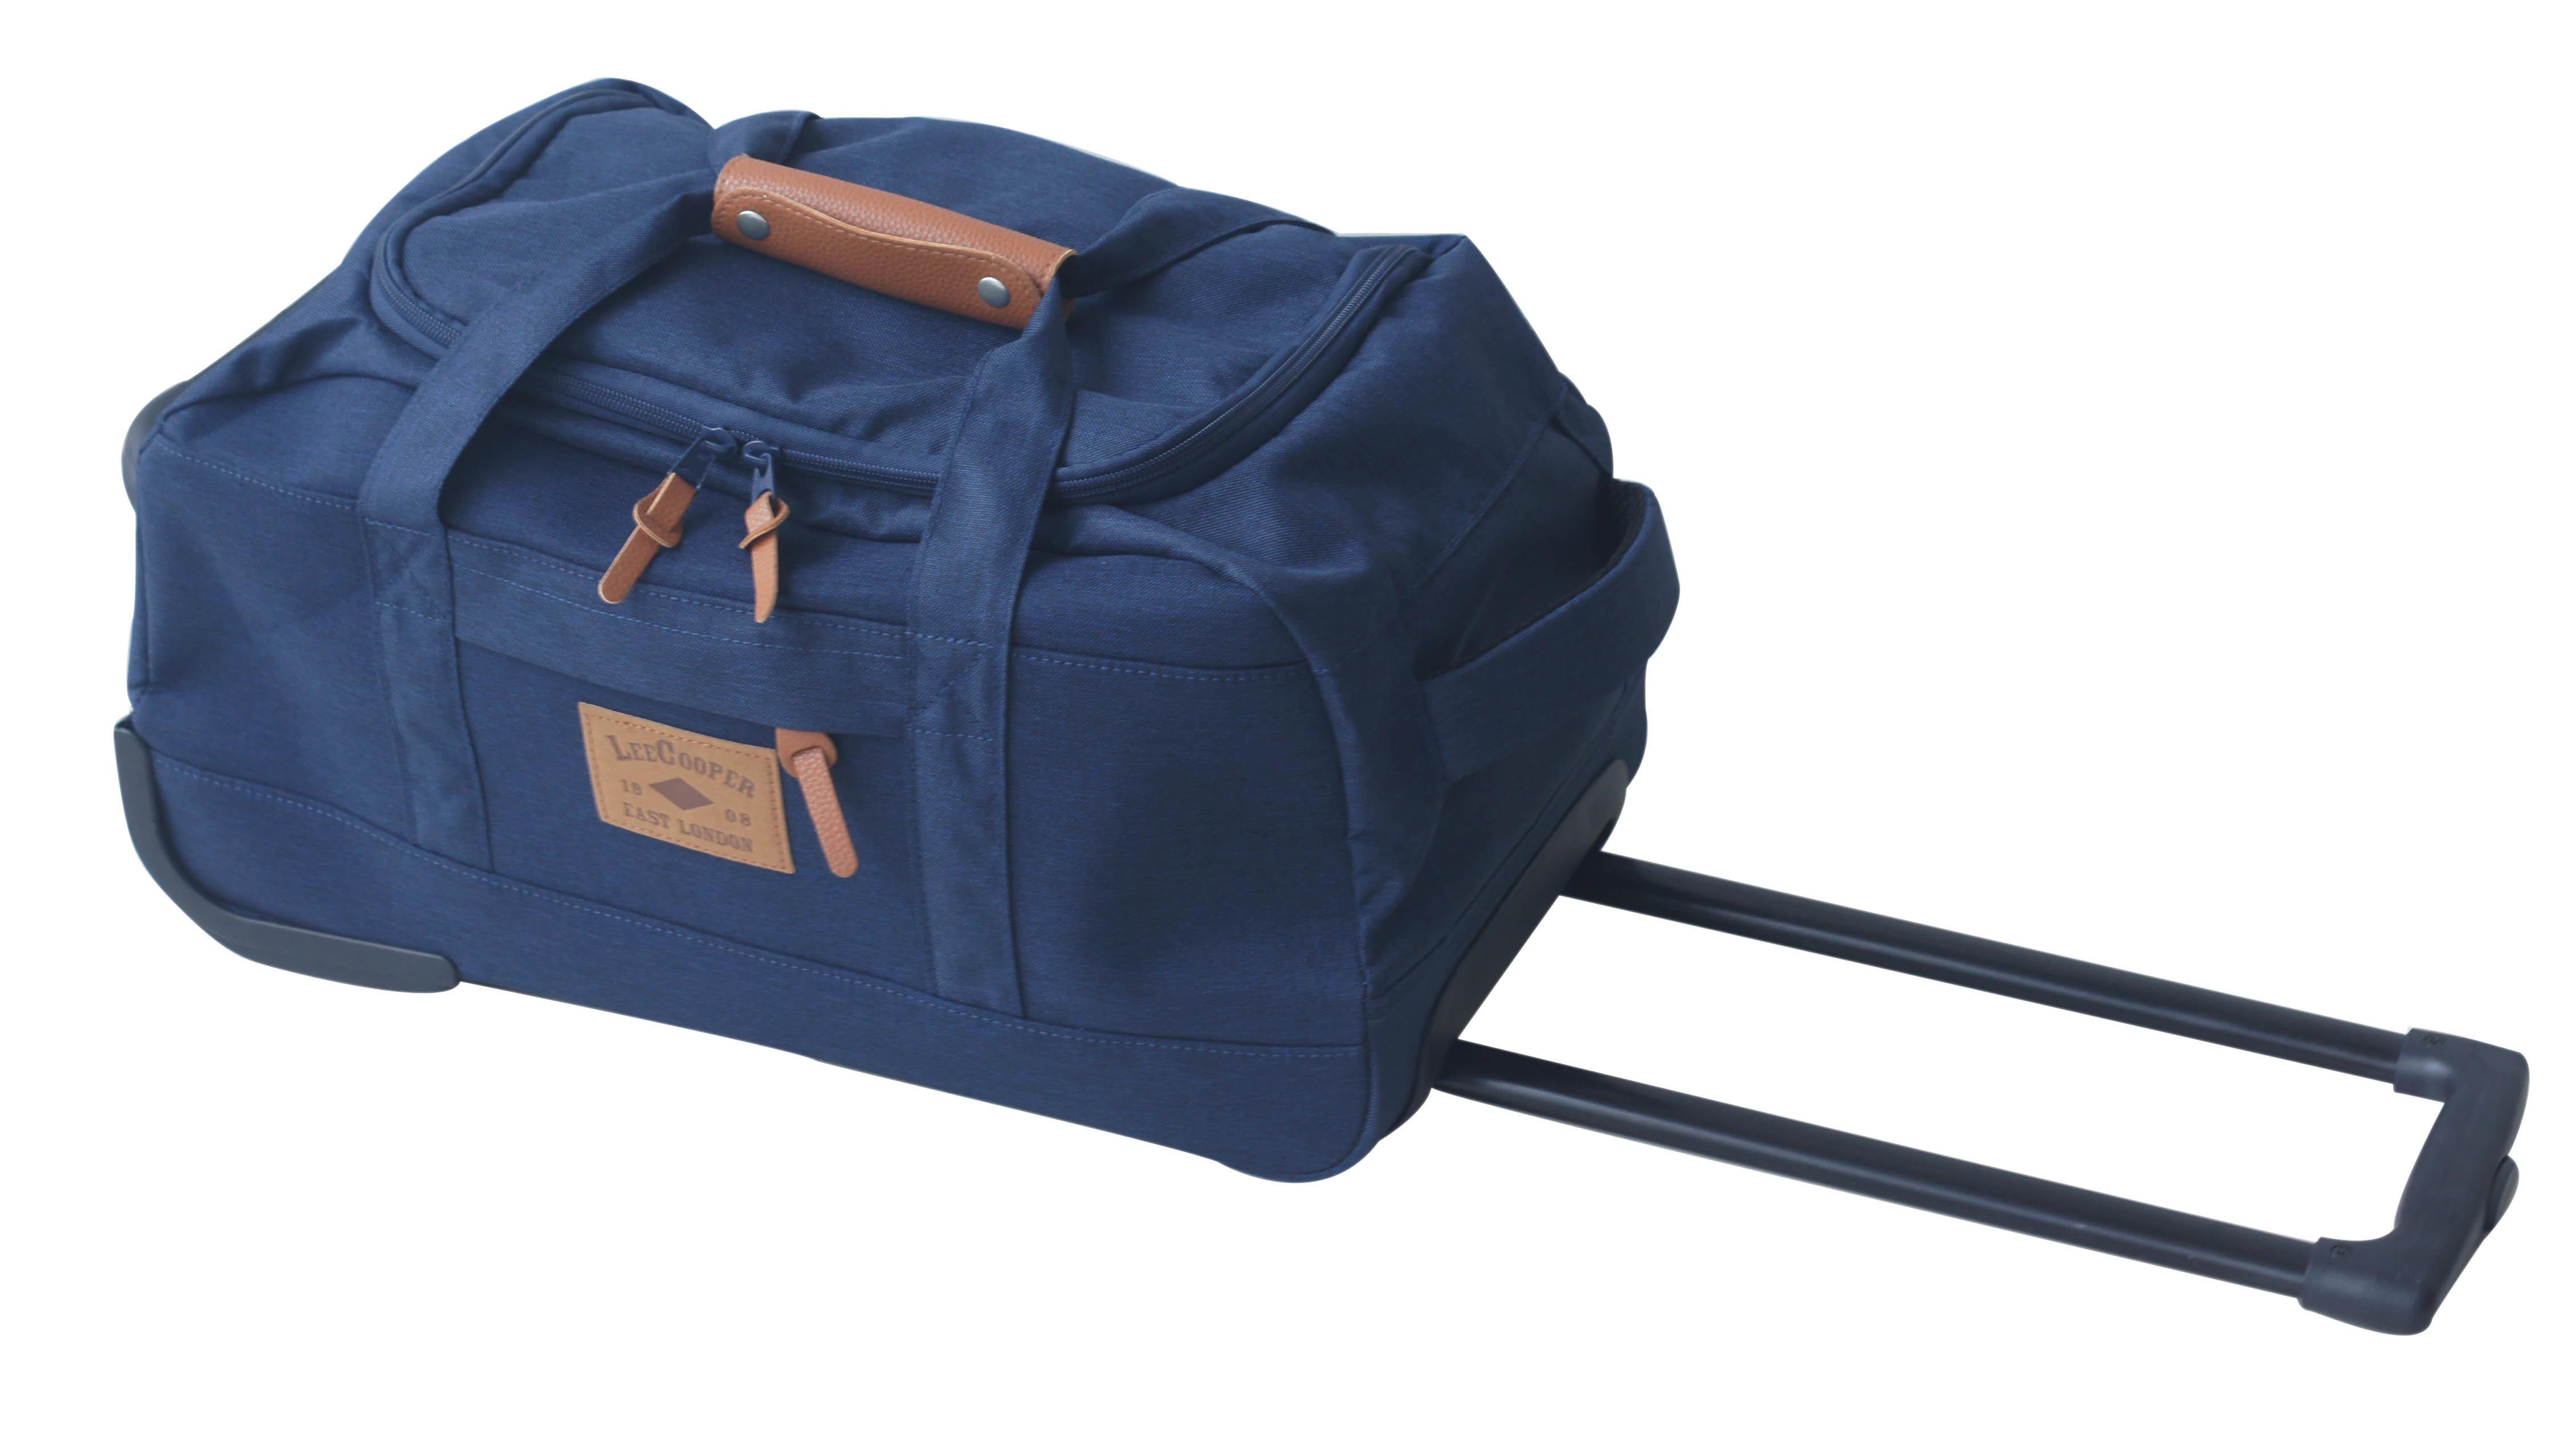 lee cooper sac de voyage roulettes 50cm bleu pas cher achat vente sacs de voyage. Black Bedroom Furniture Sets. Home Design Ideas